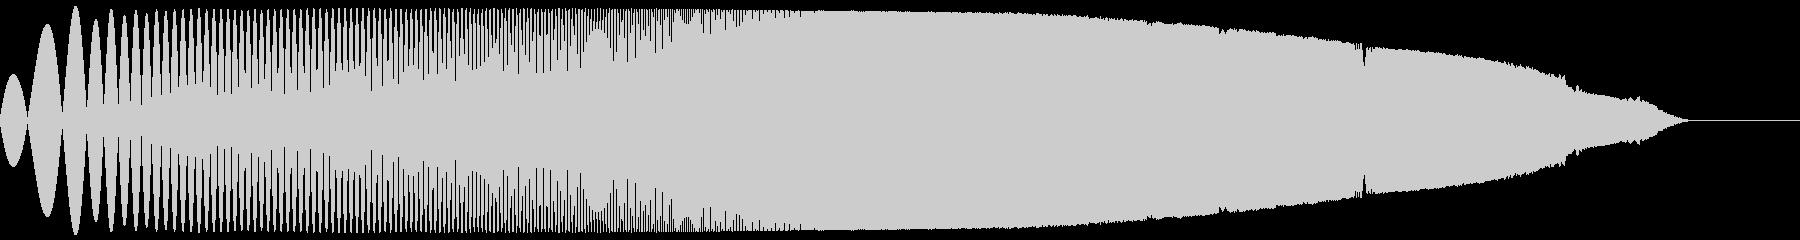 アナログFX 7の未再生の波形